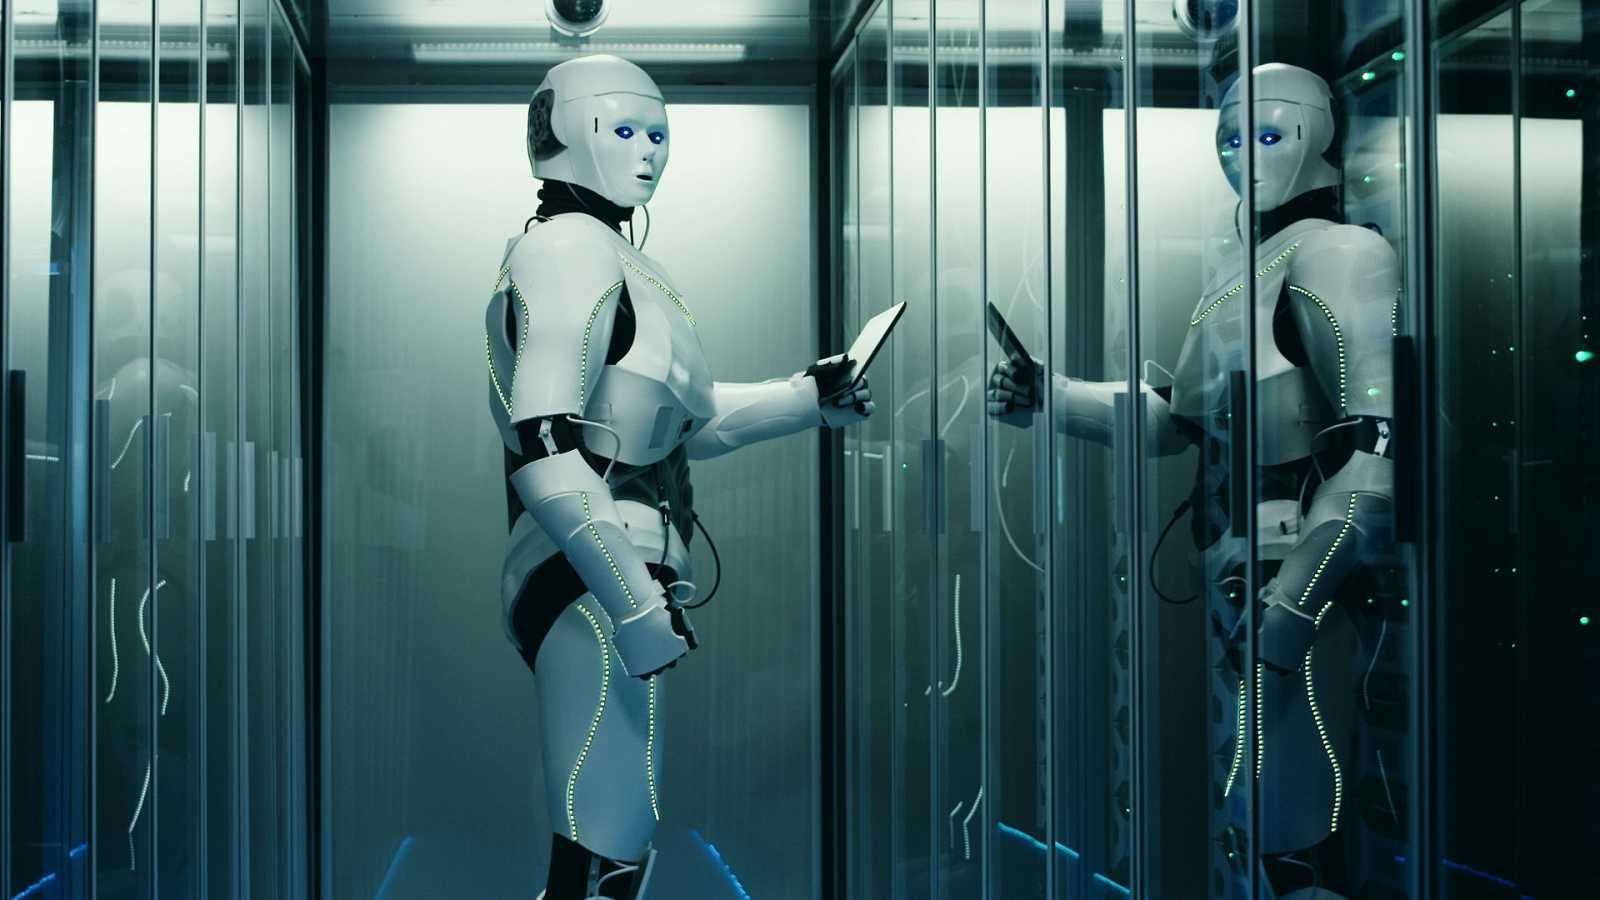 El cazador de cerebros - ¿En qué piensan los robots? - ver ahora